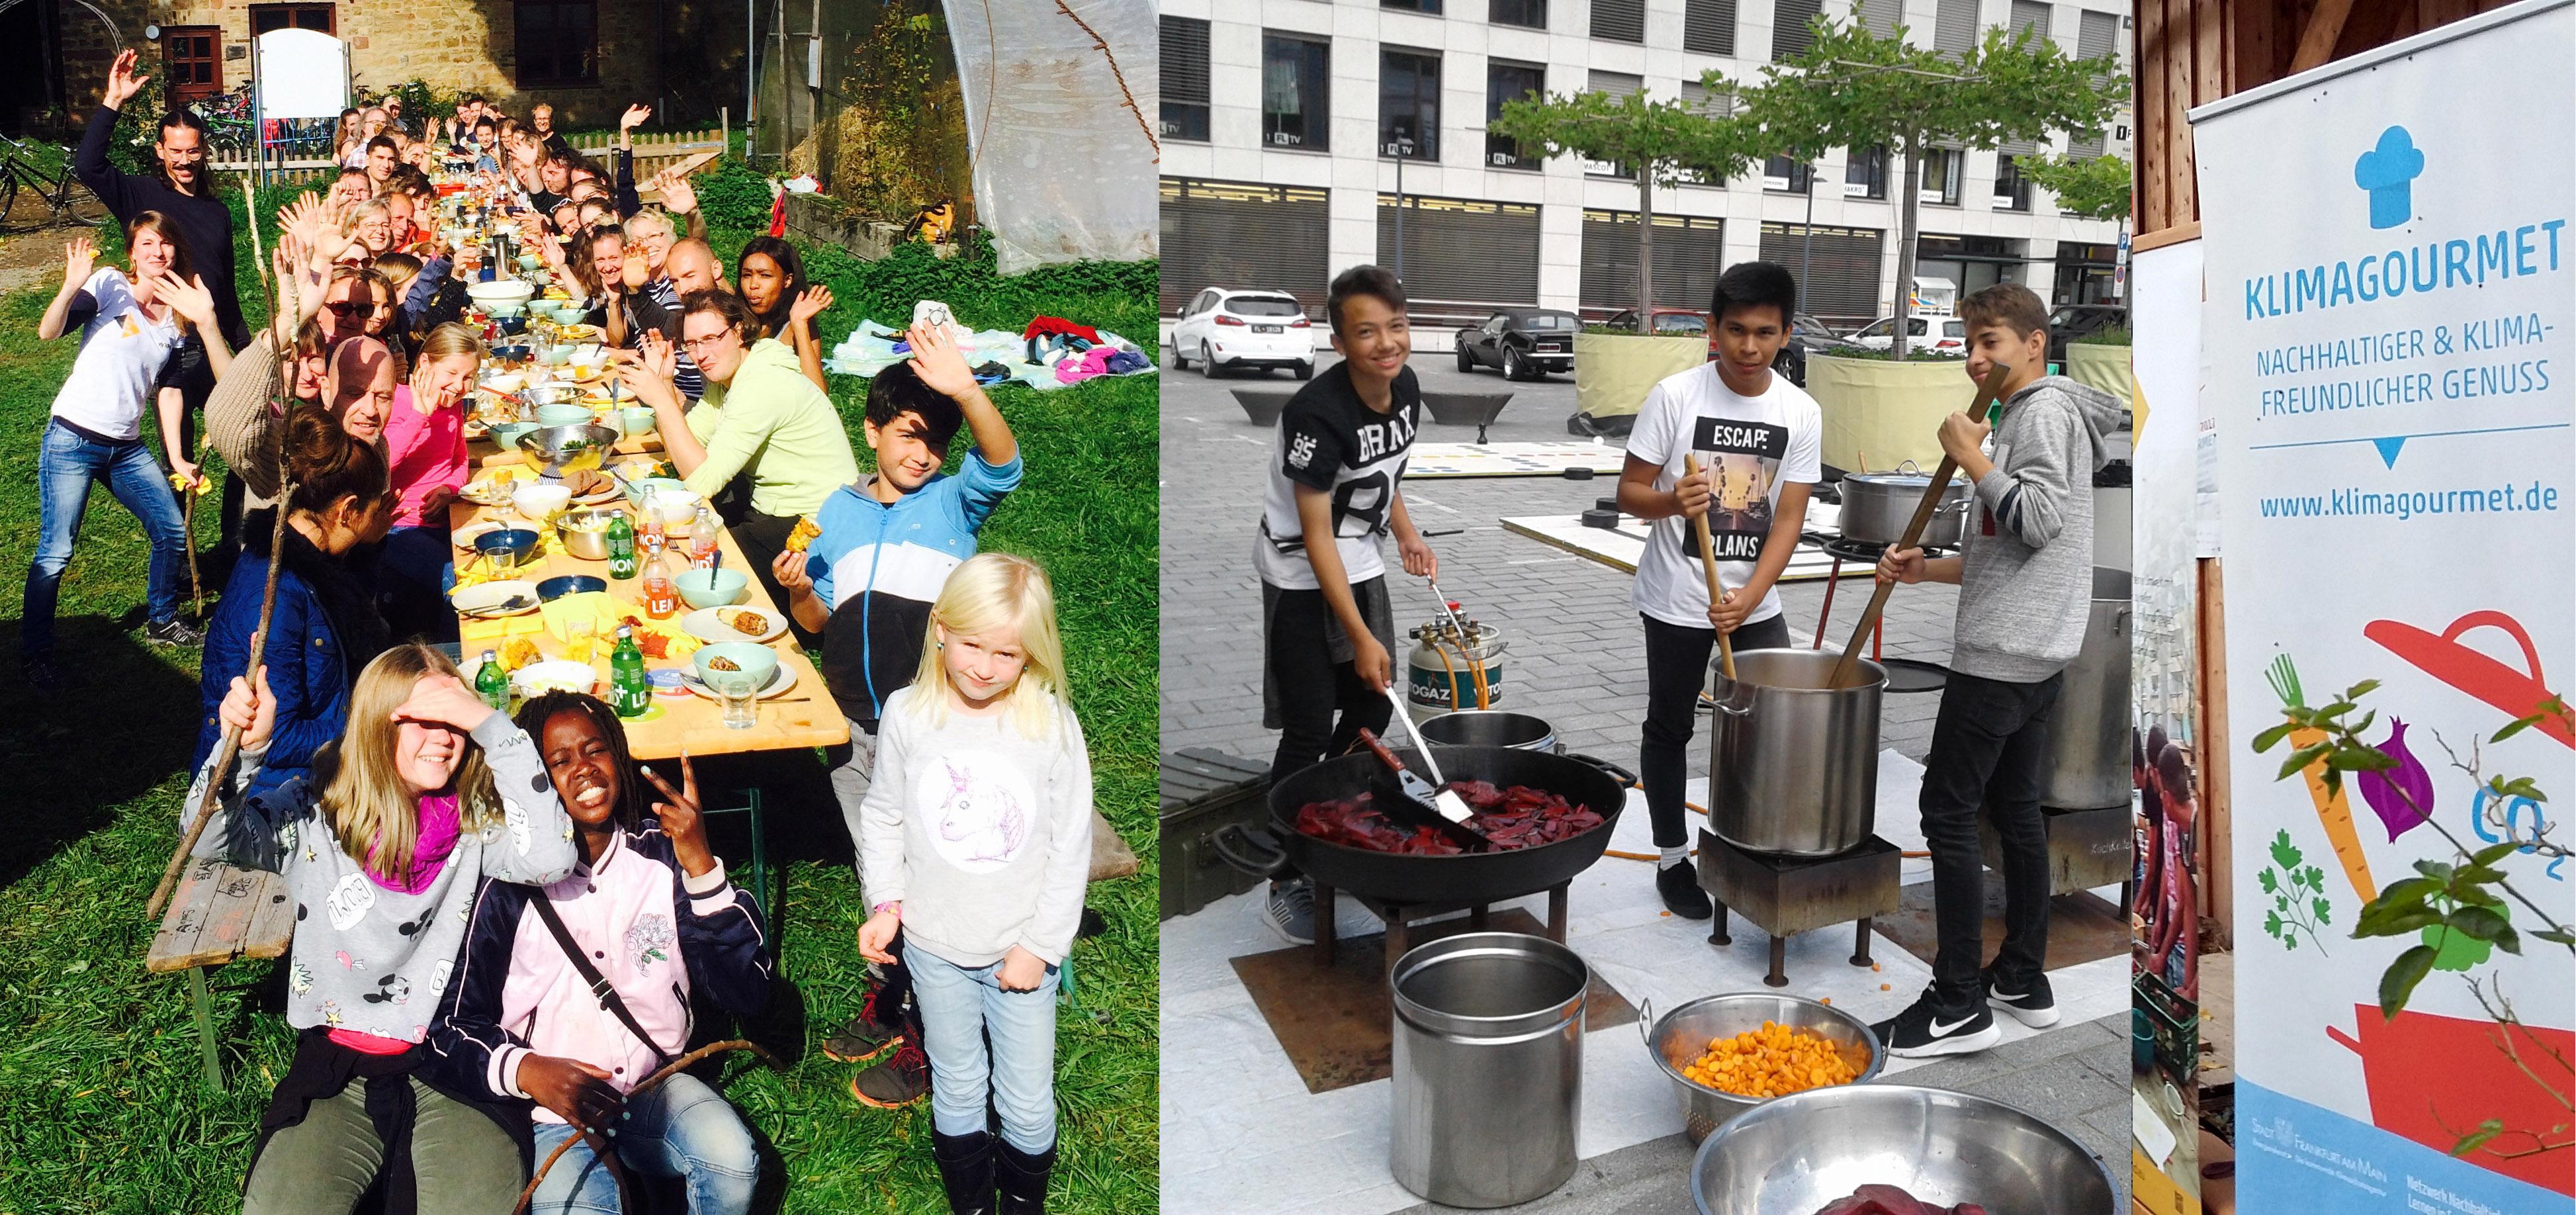 Mobile Outdoor-Gemeinschaftsküche für Mingas u.v.m. – gemeinsame Freiwilligenarbeit im Quartier mit nachhaltig Kochen und Essen verbinden